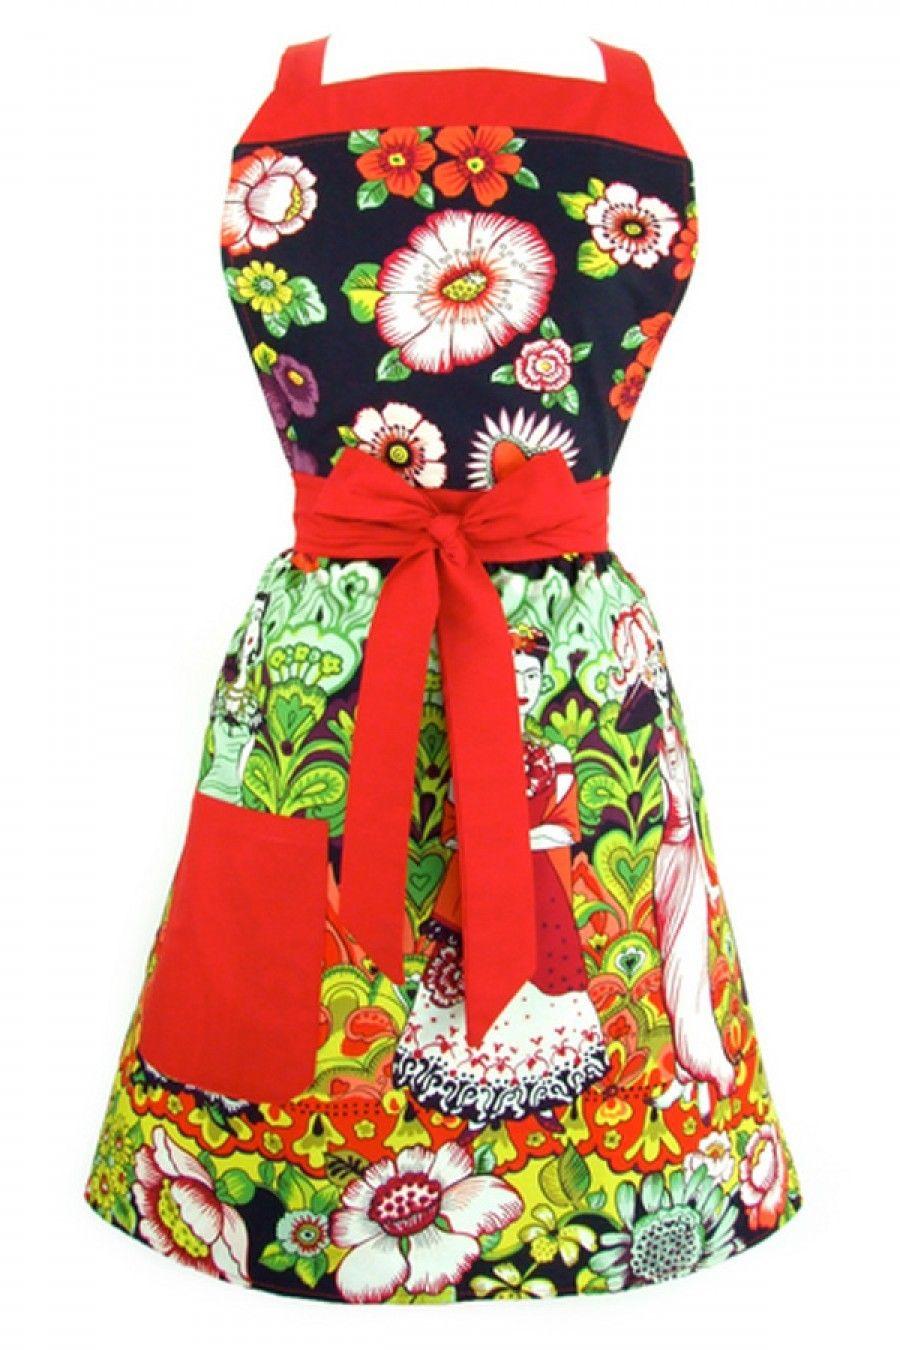 frida-kahlo-and-catrinas-apron-a-952